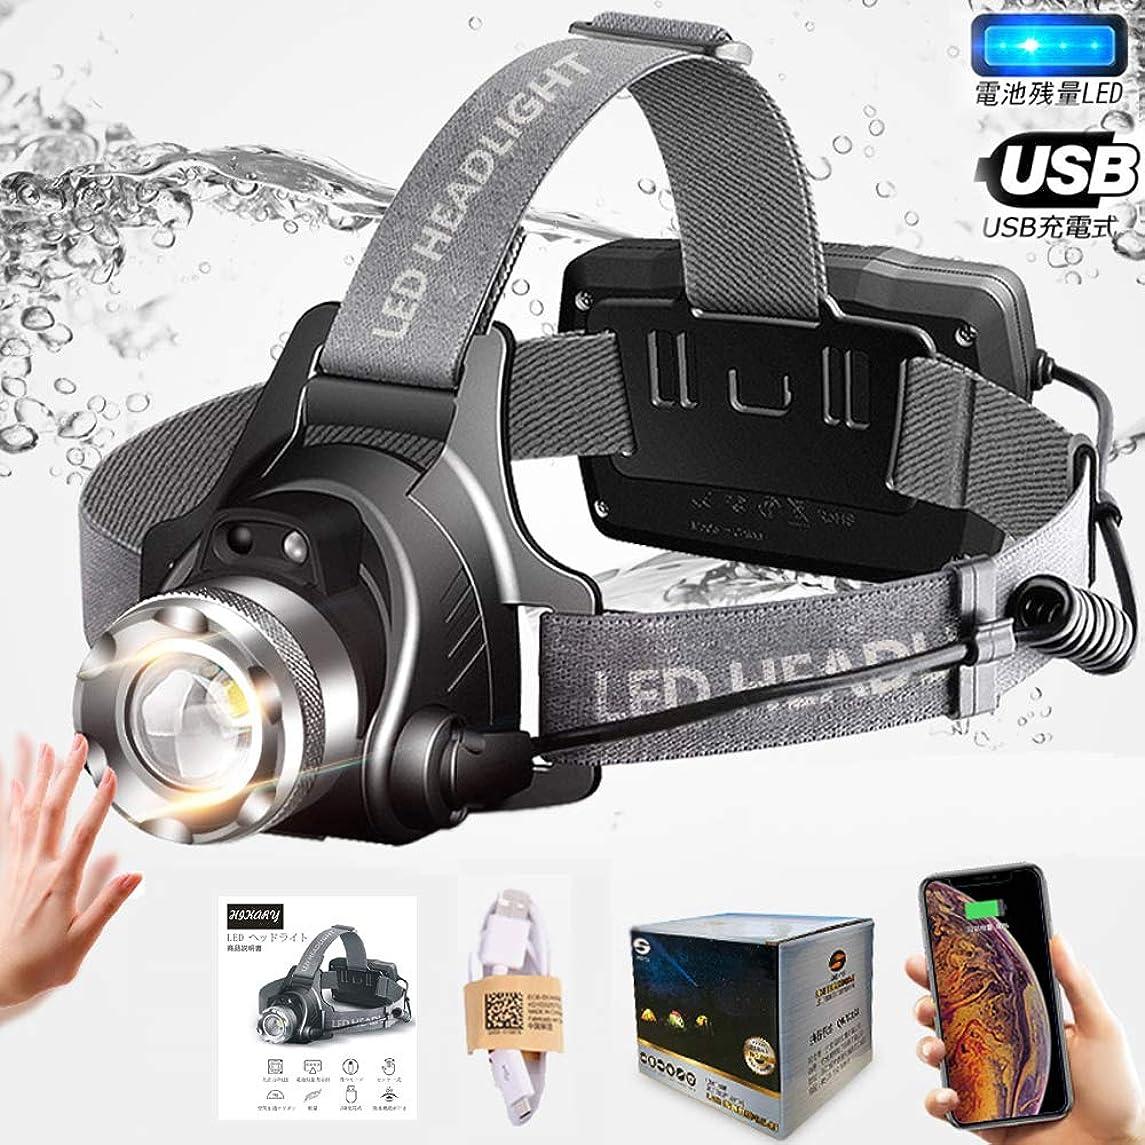 ジーンズ銀河平らなヘッドライト LED ヘッドランプusb充電式 高輝度CREE T6 人感センサー 防水仕様 角度調節可能 ズーム機能 点灯3モード